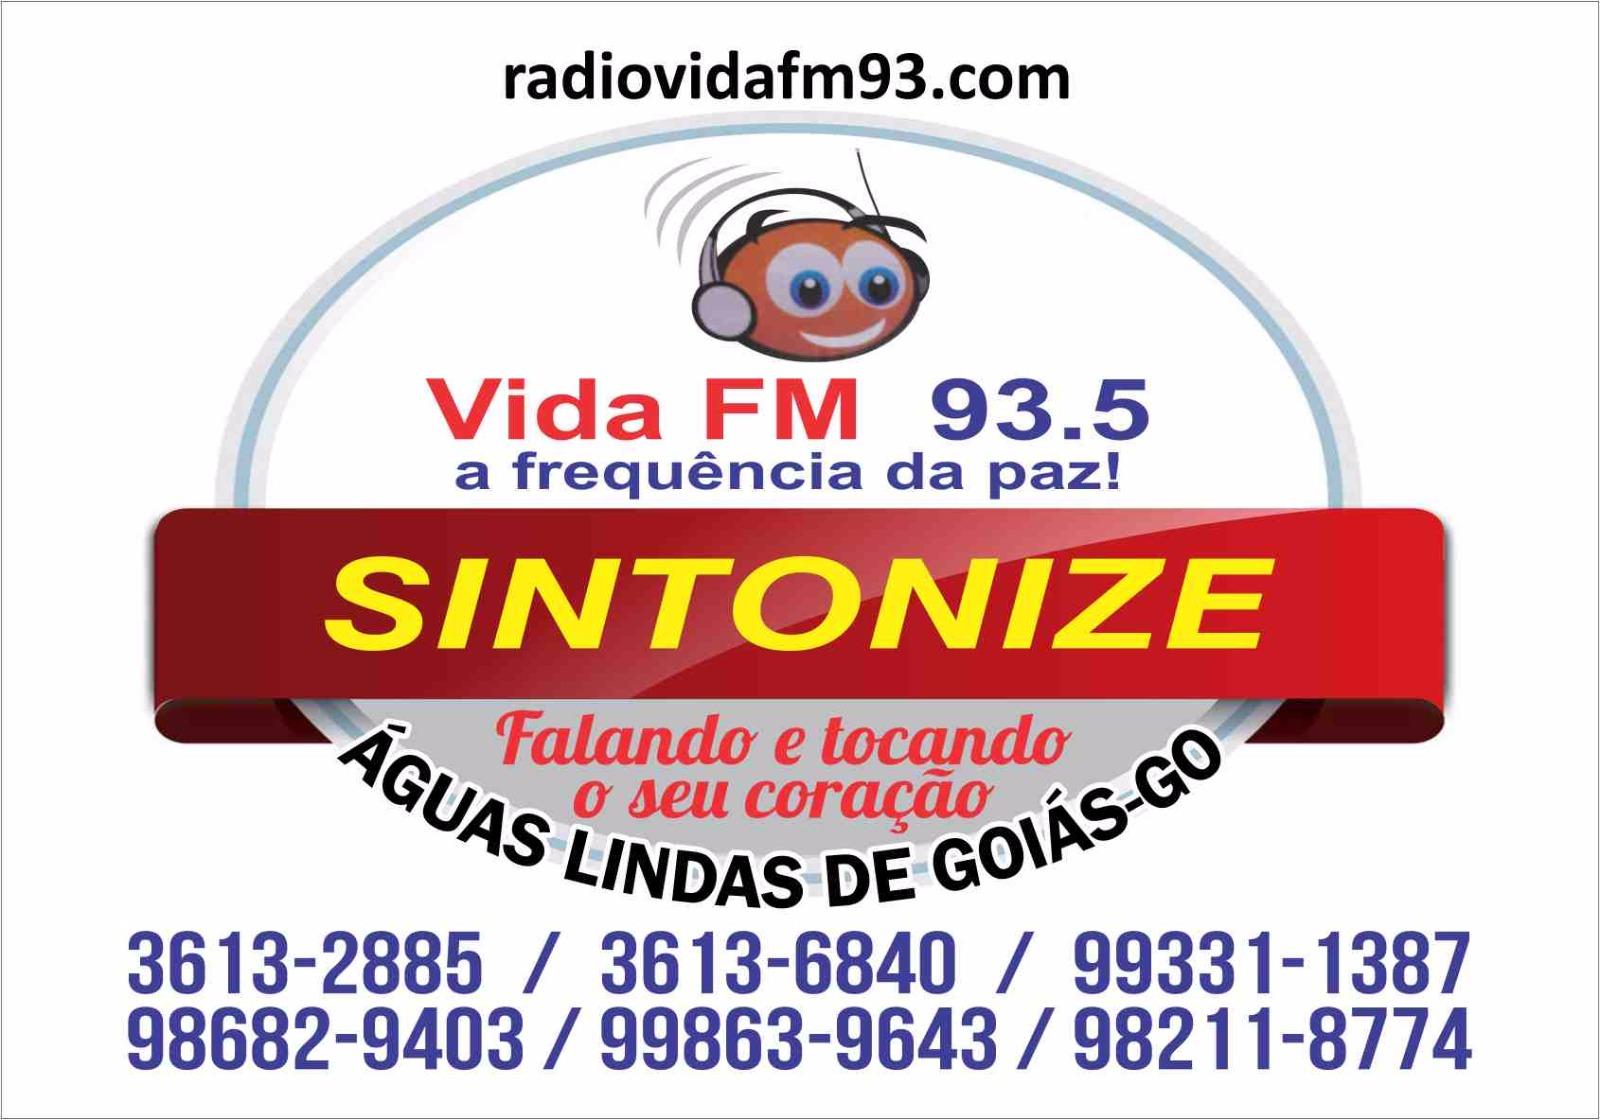 RADIO VIDA FM A FREQUENCIA DA PAZ